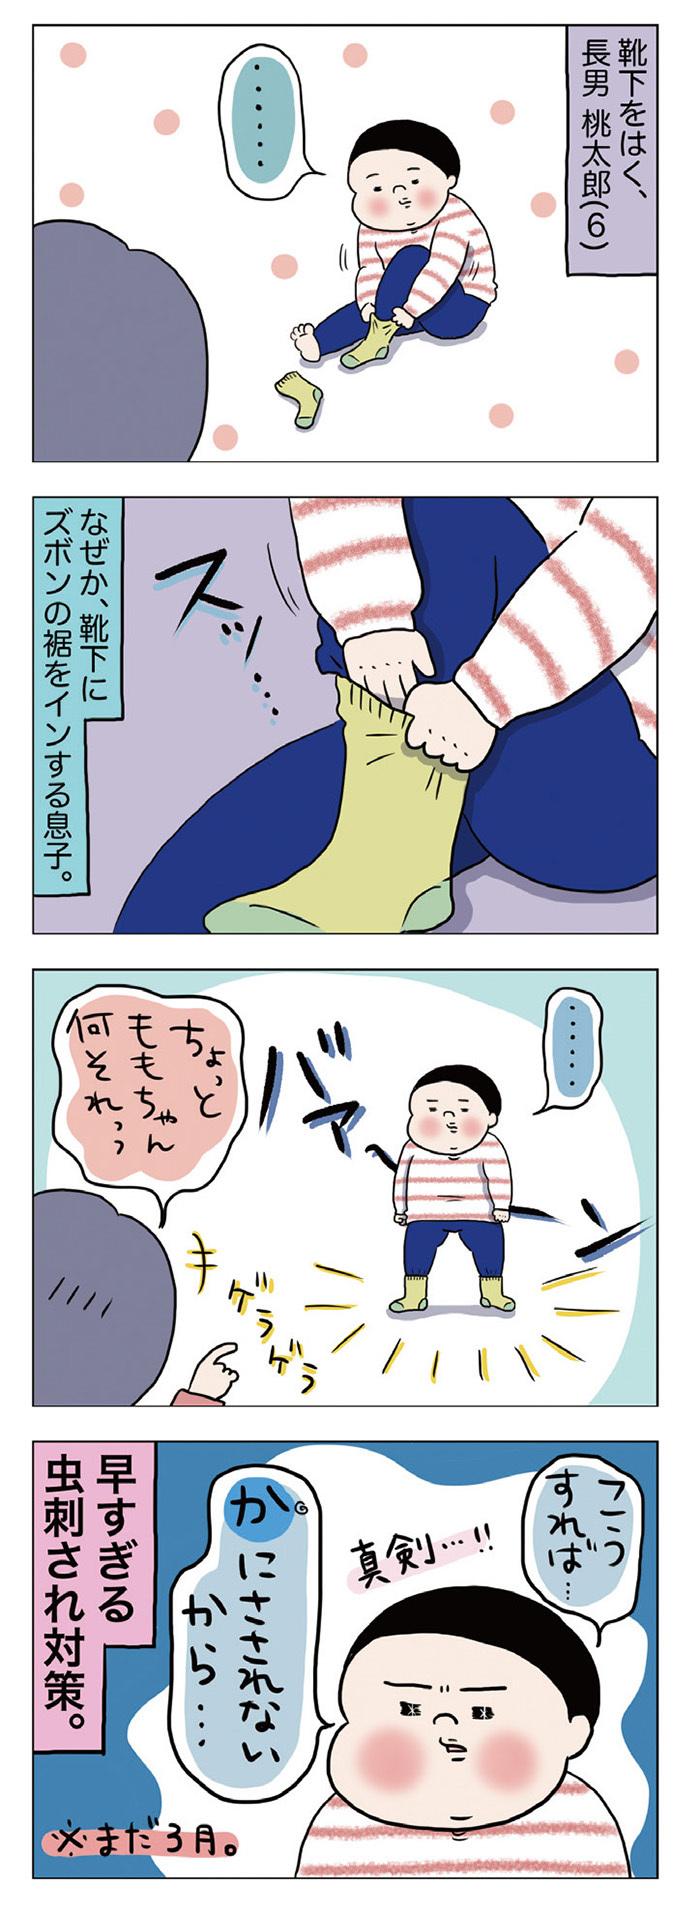 移動は常にジャンプ&ダッシュ(笑)理解不能で愛しい兄弟のやりとり♡の画像6